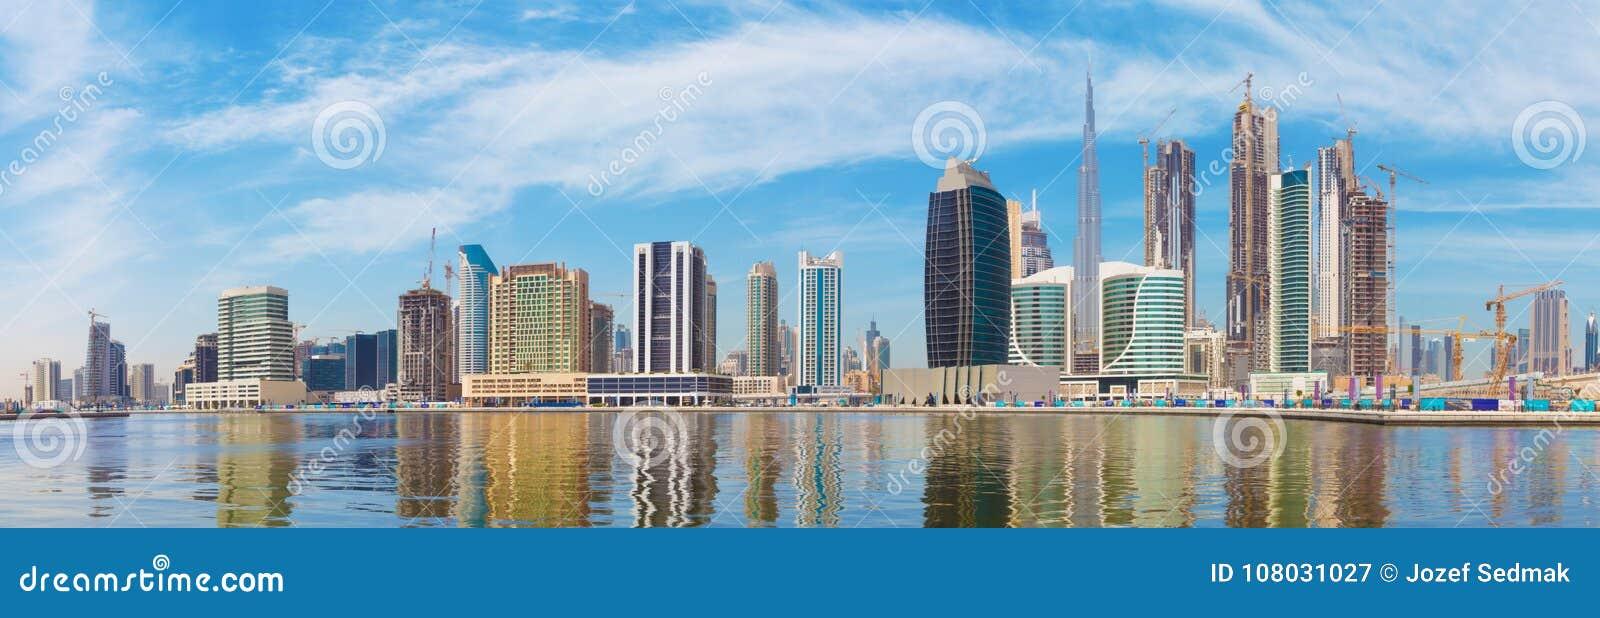 迪拜-有街市新的运河和摩天大楼的全景